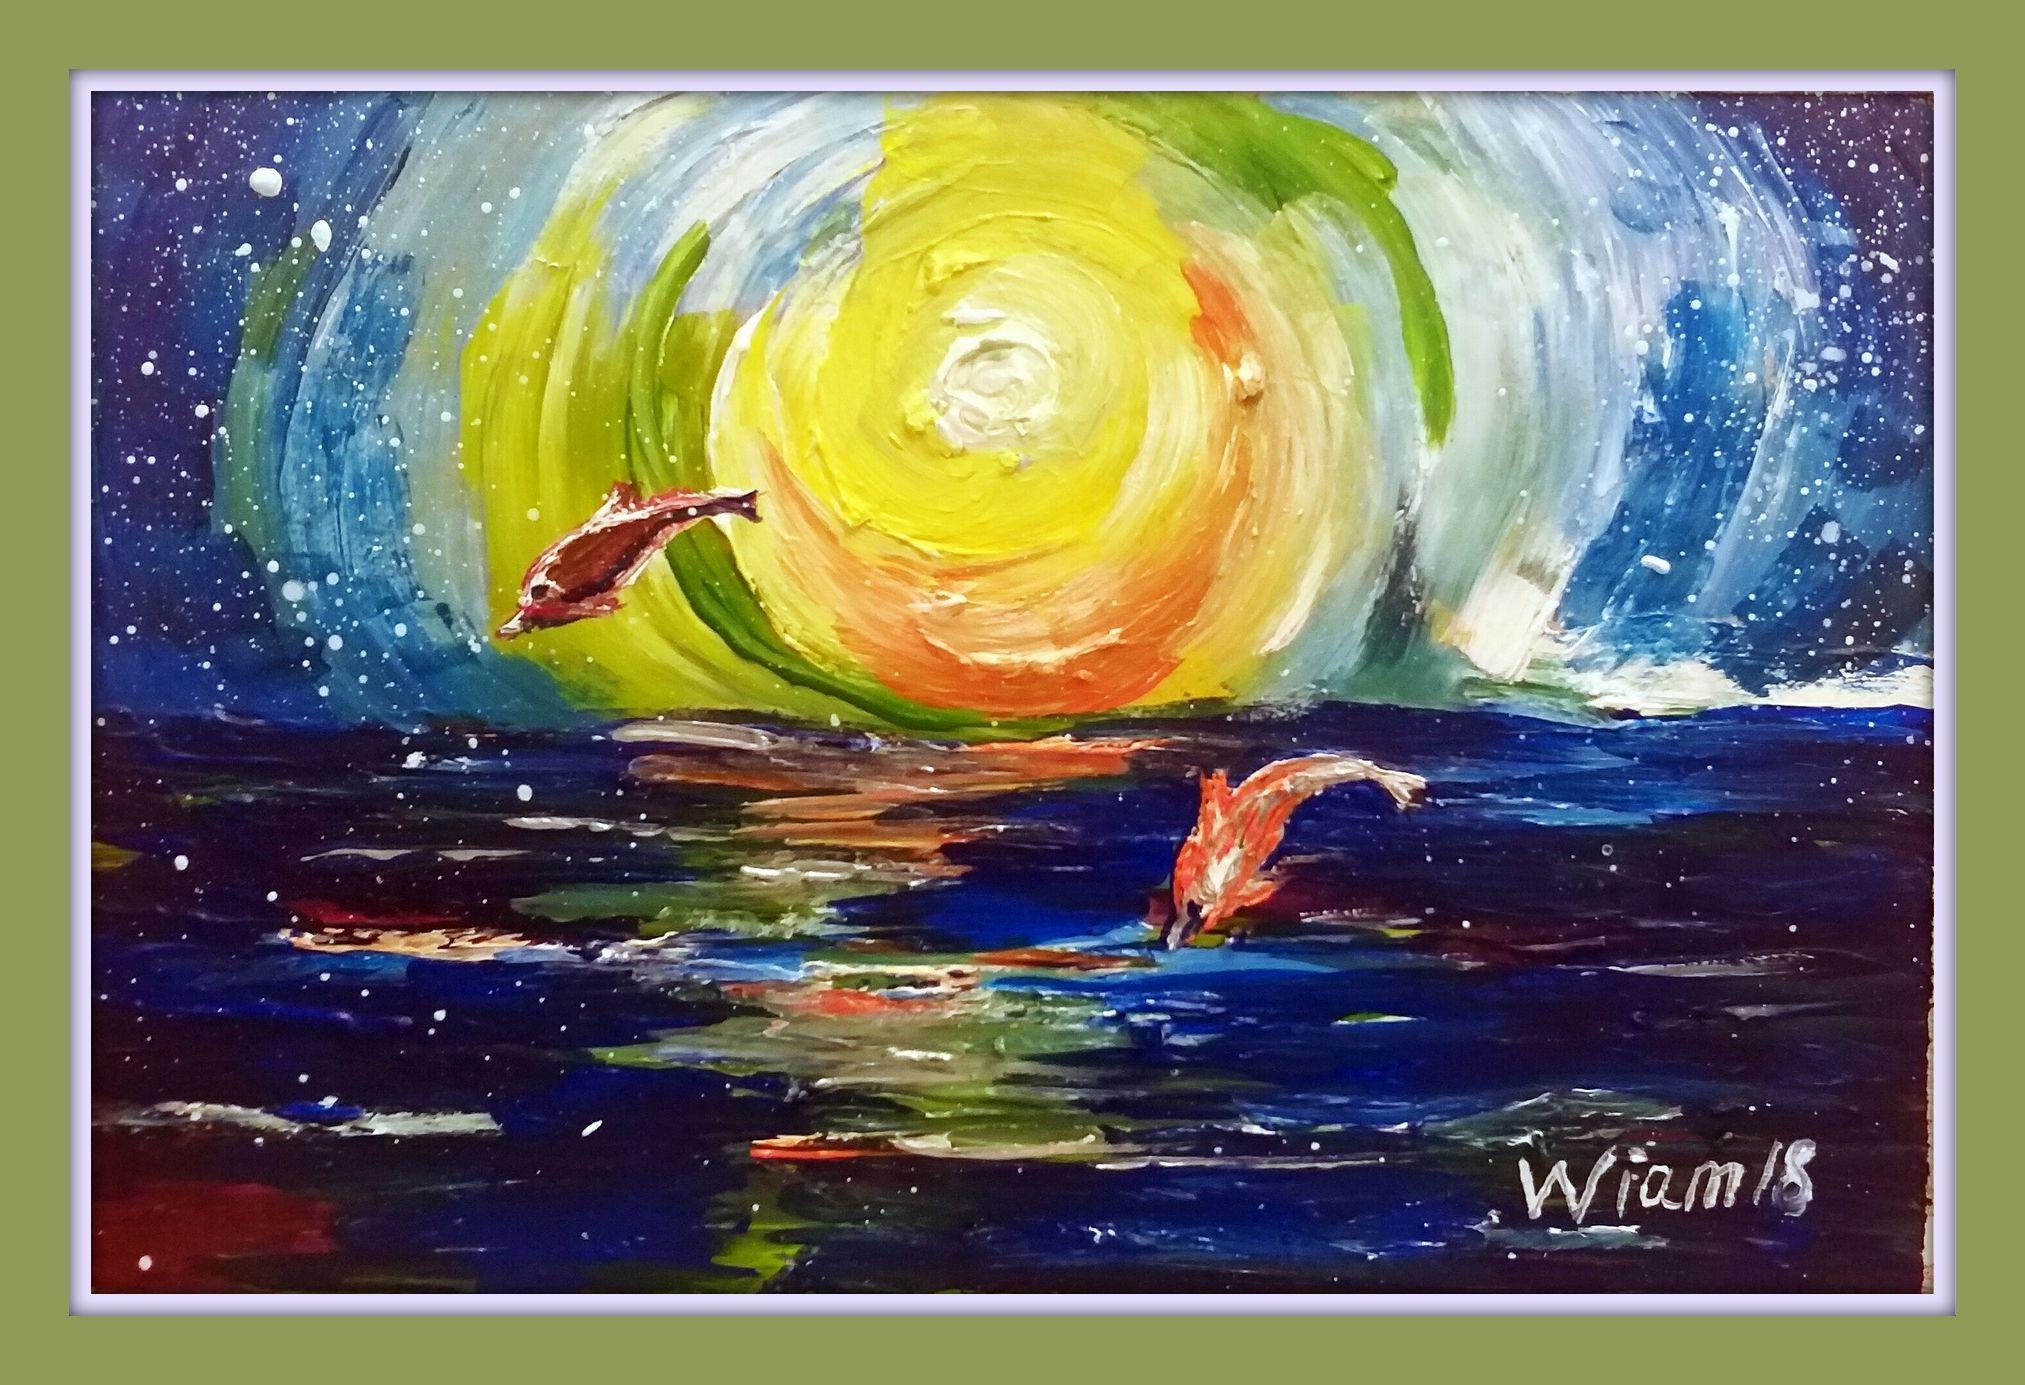 авторская арт вода ручная морской дельфины техника океан продажа солнце смешанная картины море пейзаж работа вещь